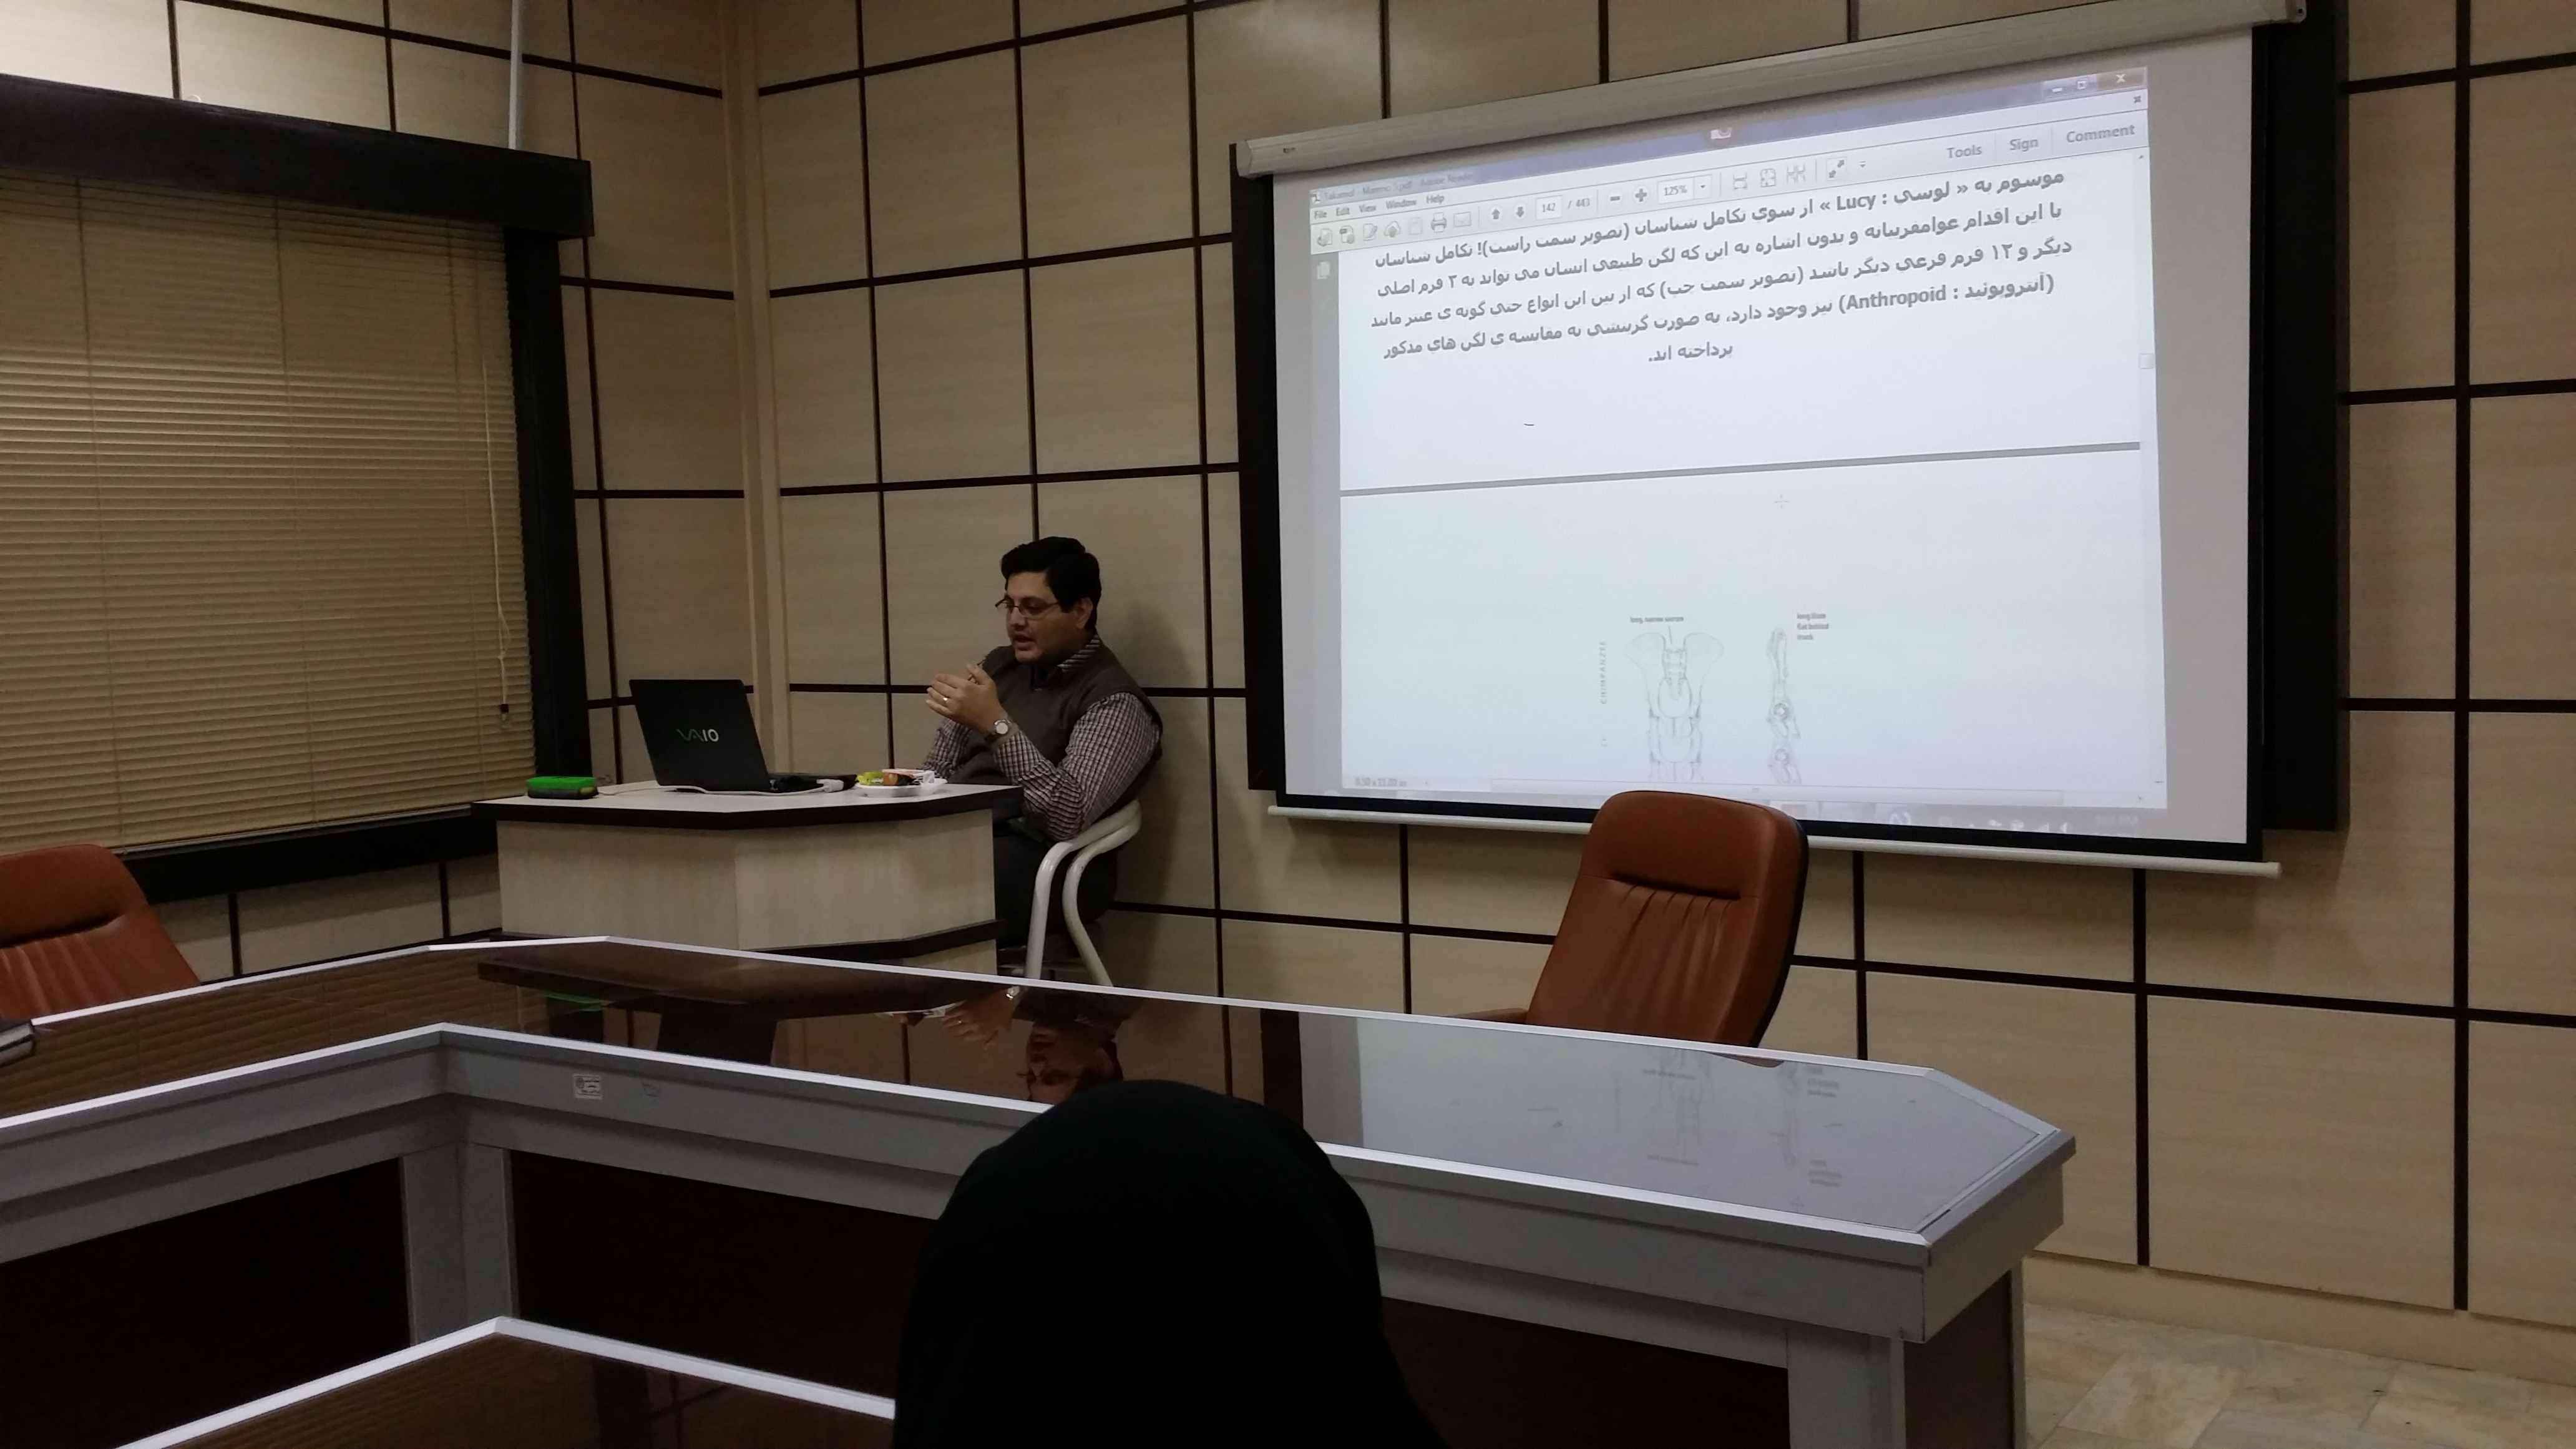 برگزاری کارگاه دشمن شناسی وبصیرت افزایی